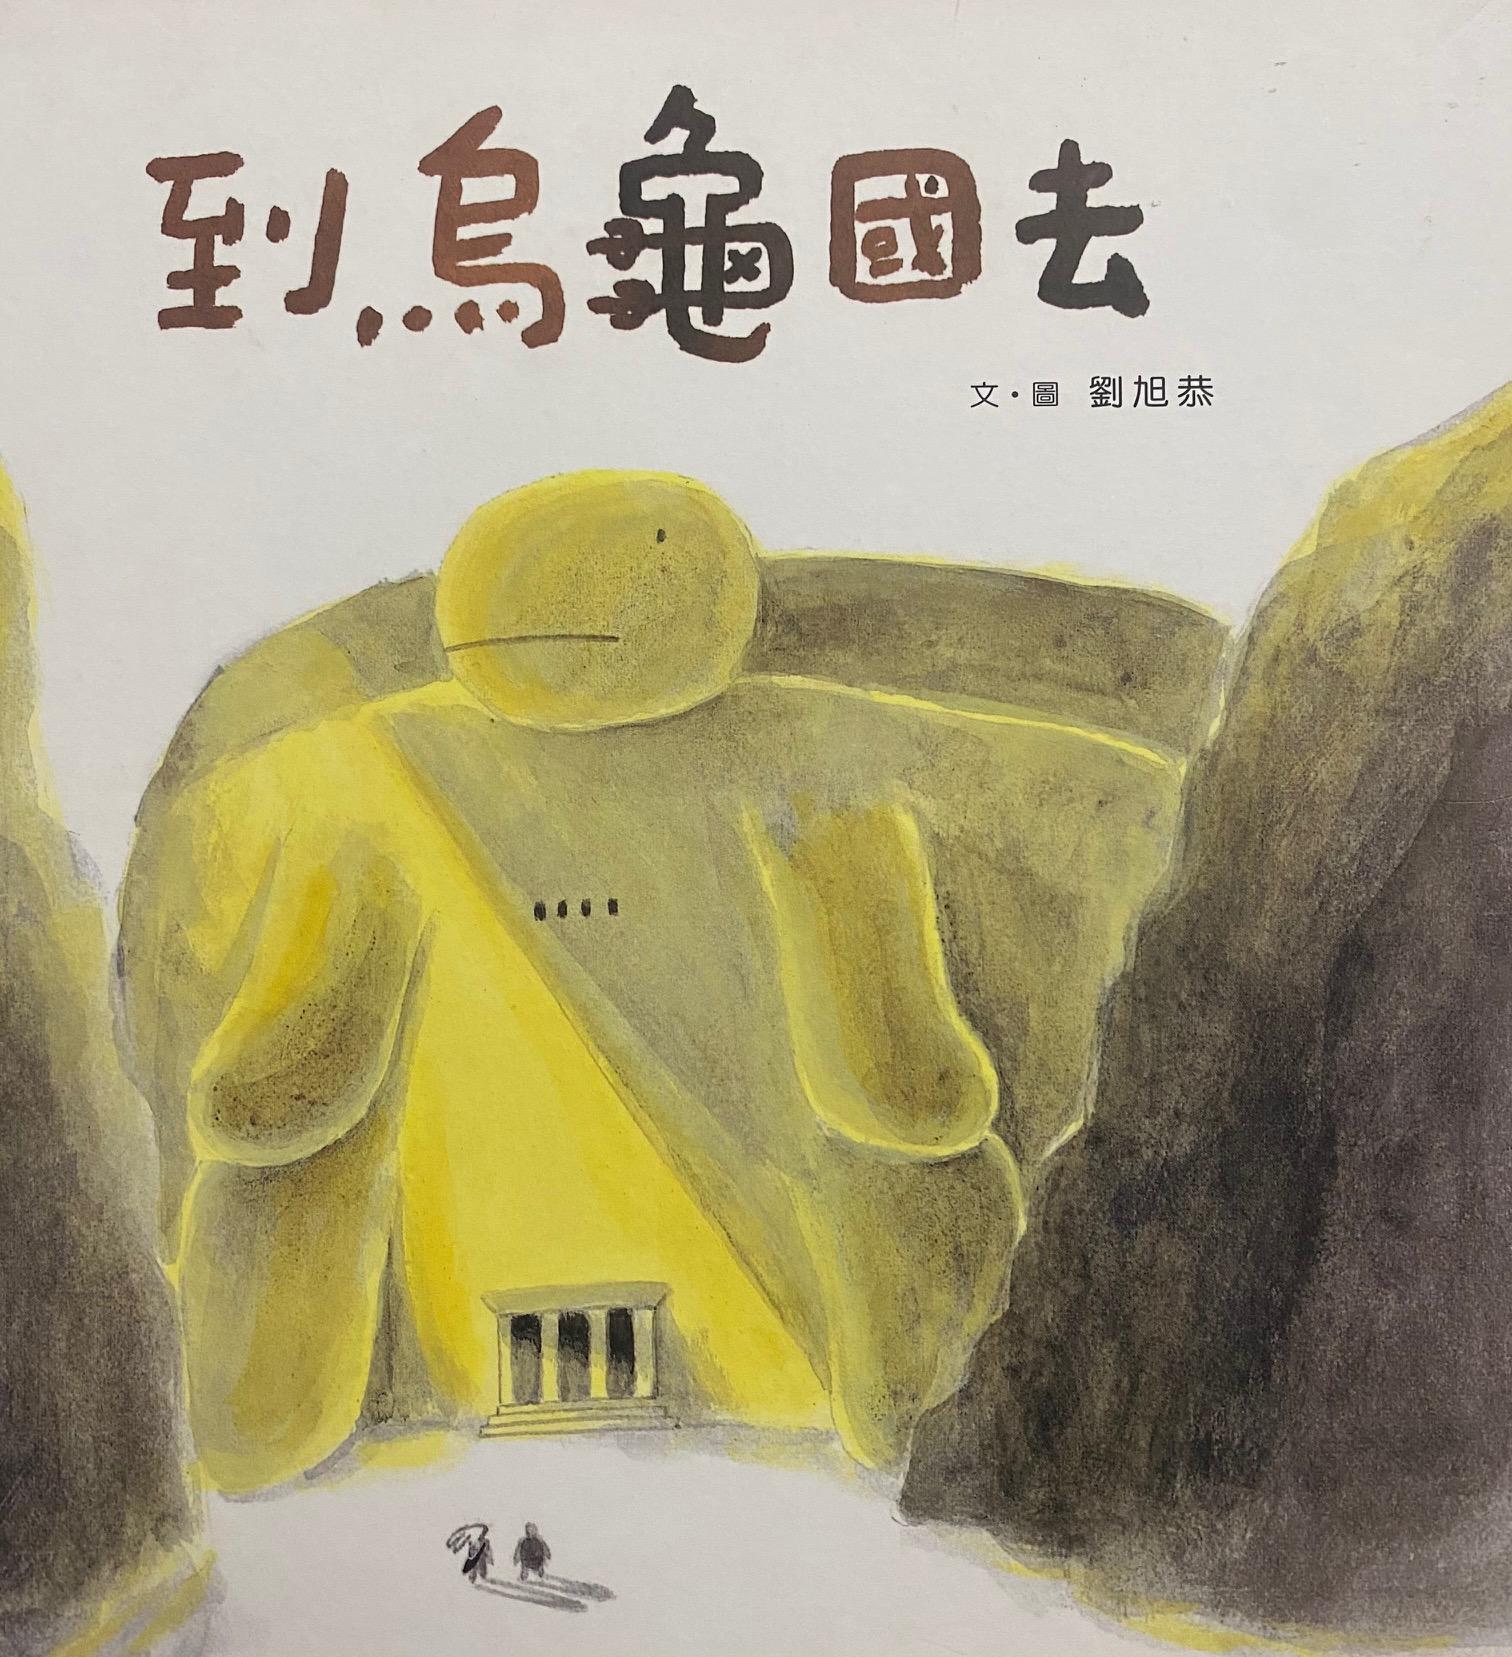 到烏龜國去 (劉旭恭/小魯文化)